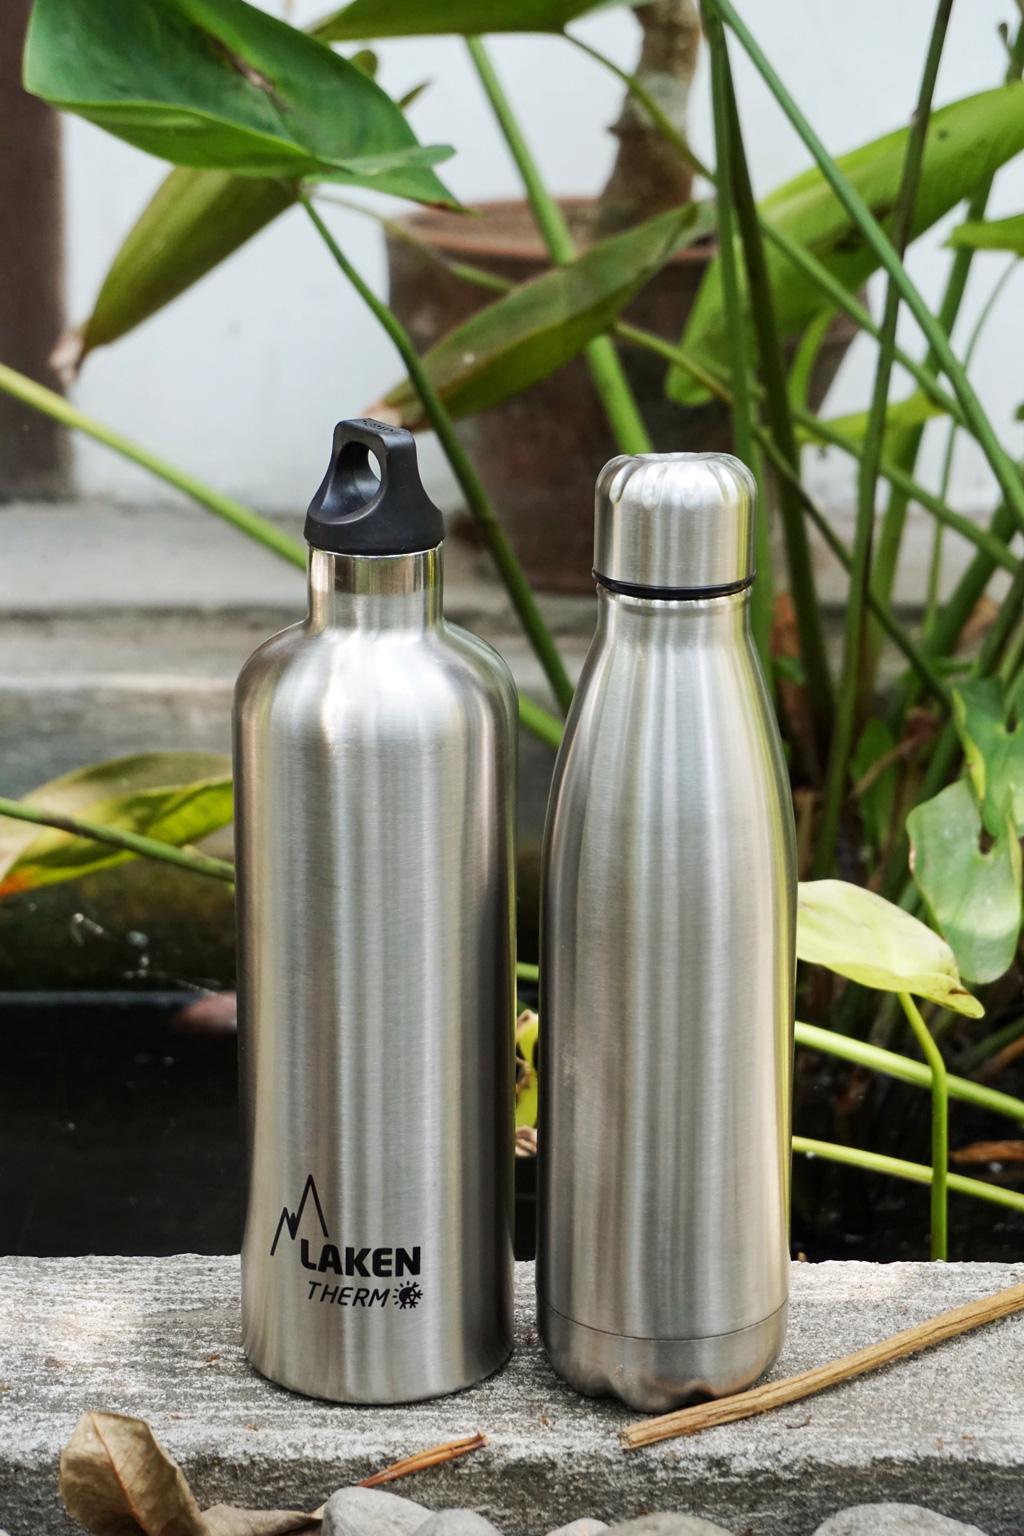 Viajar con menos plástico con botellas reutilizables